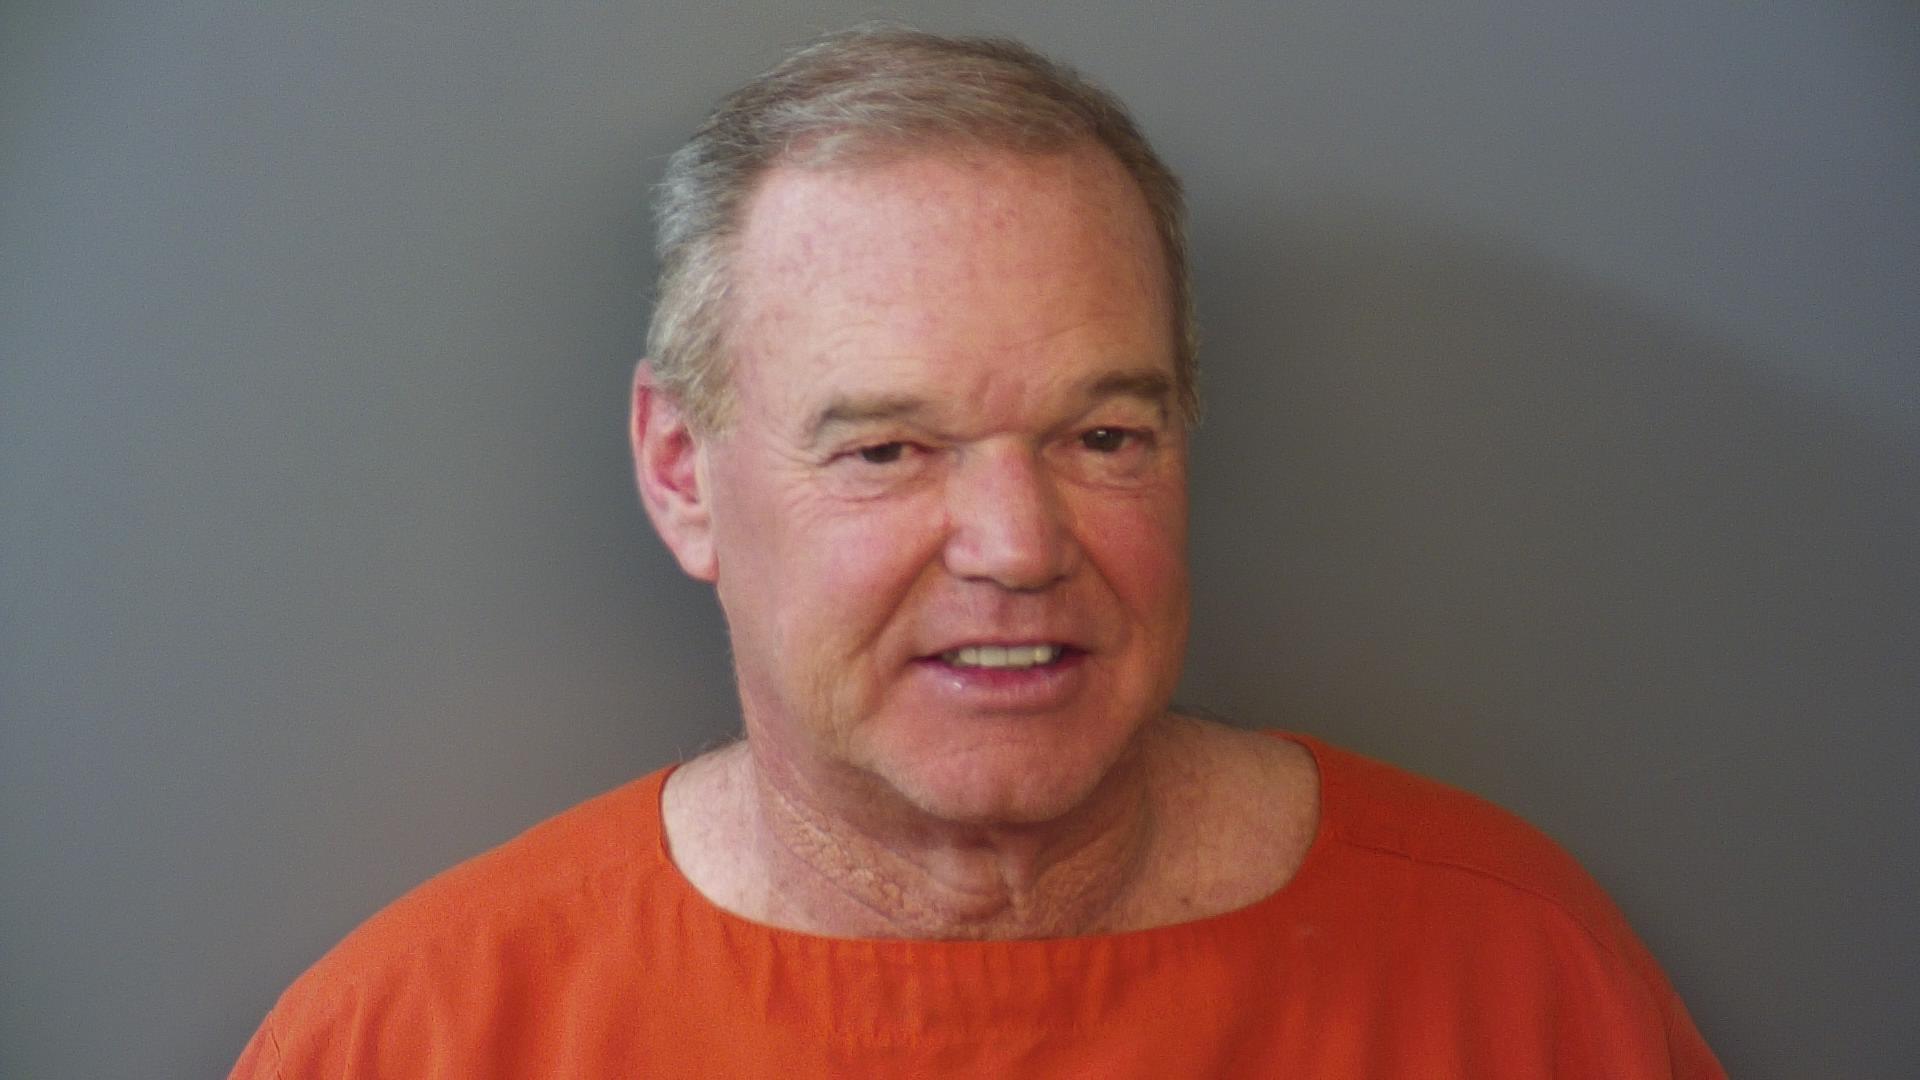 Former Indy 500 champ Al Unser, Jr. arrested for OWI